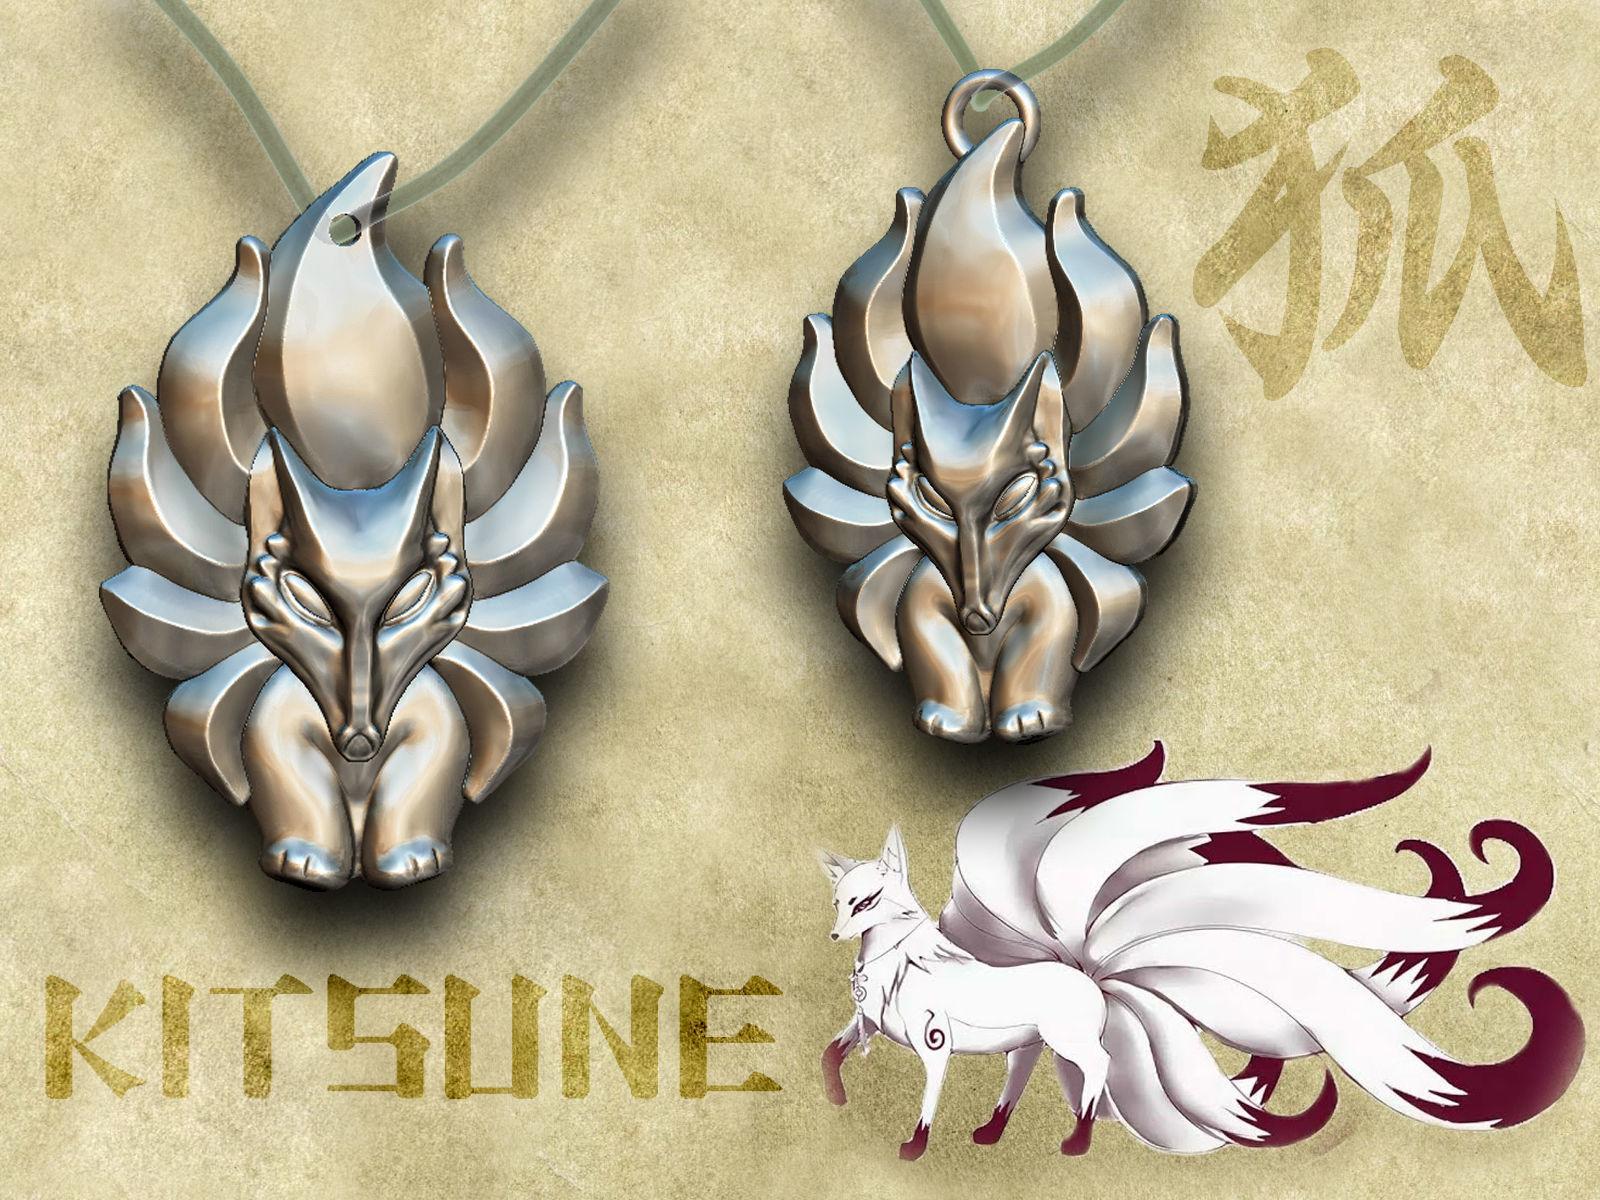 Kitsune - nine-tailed fox